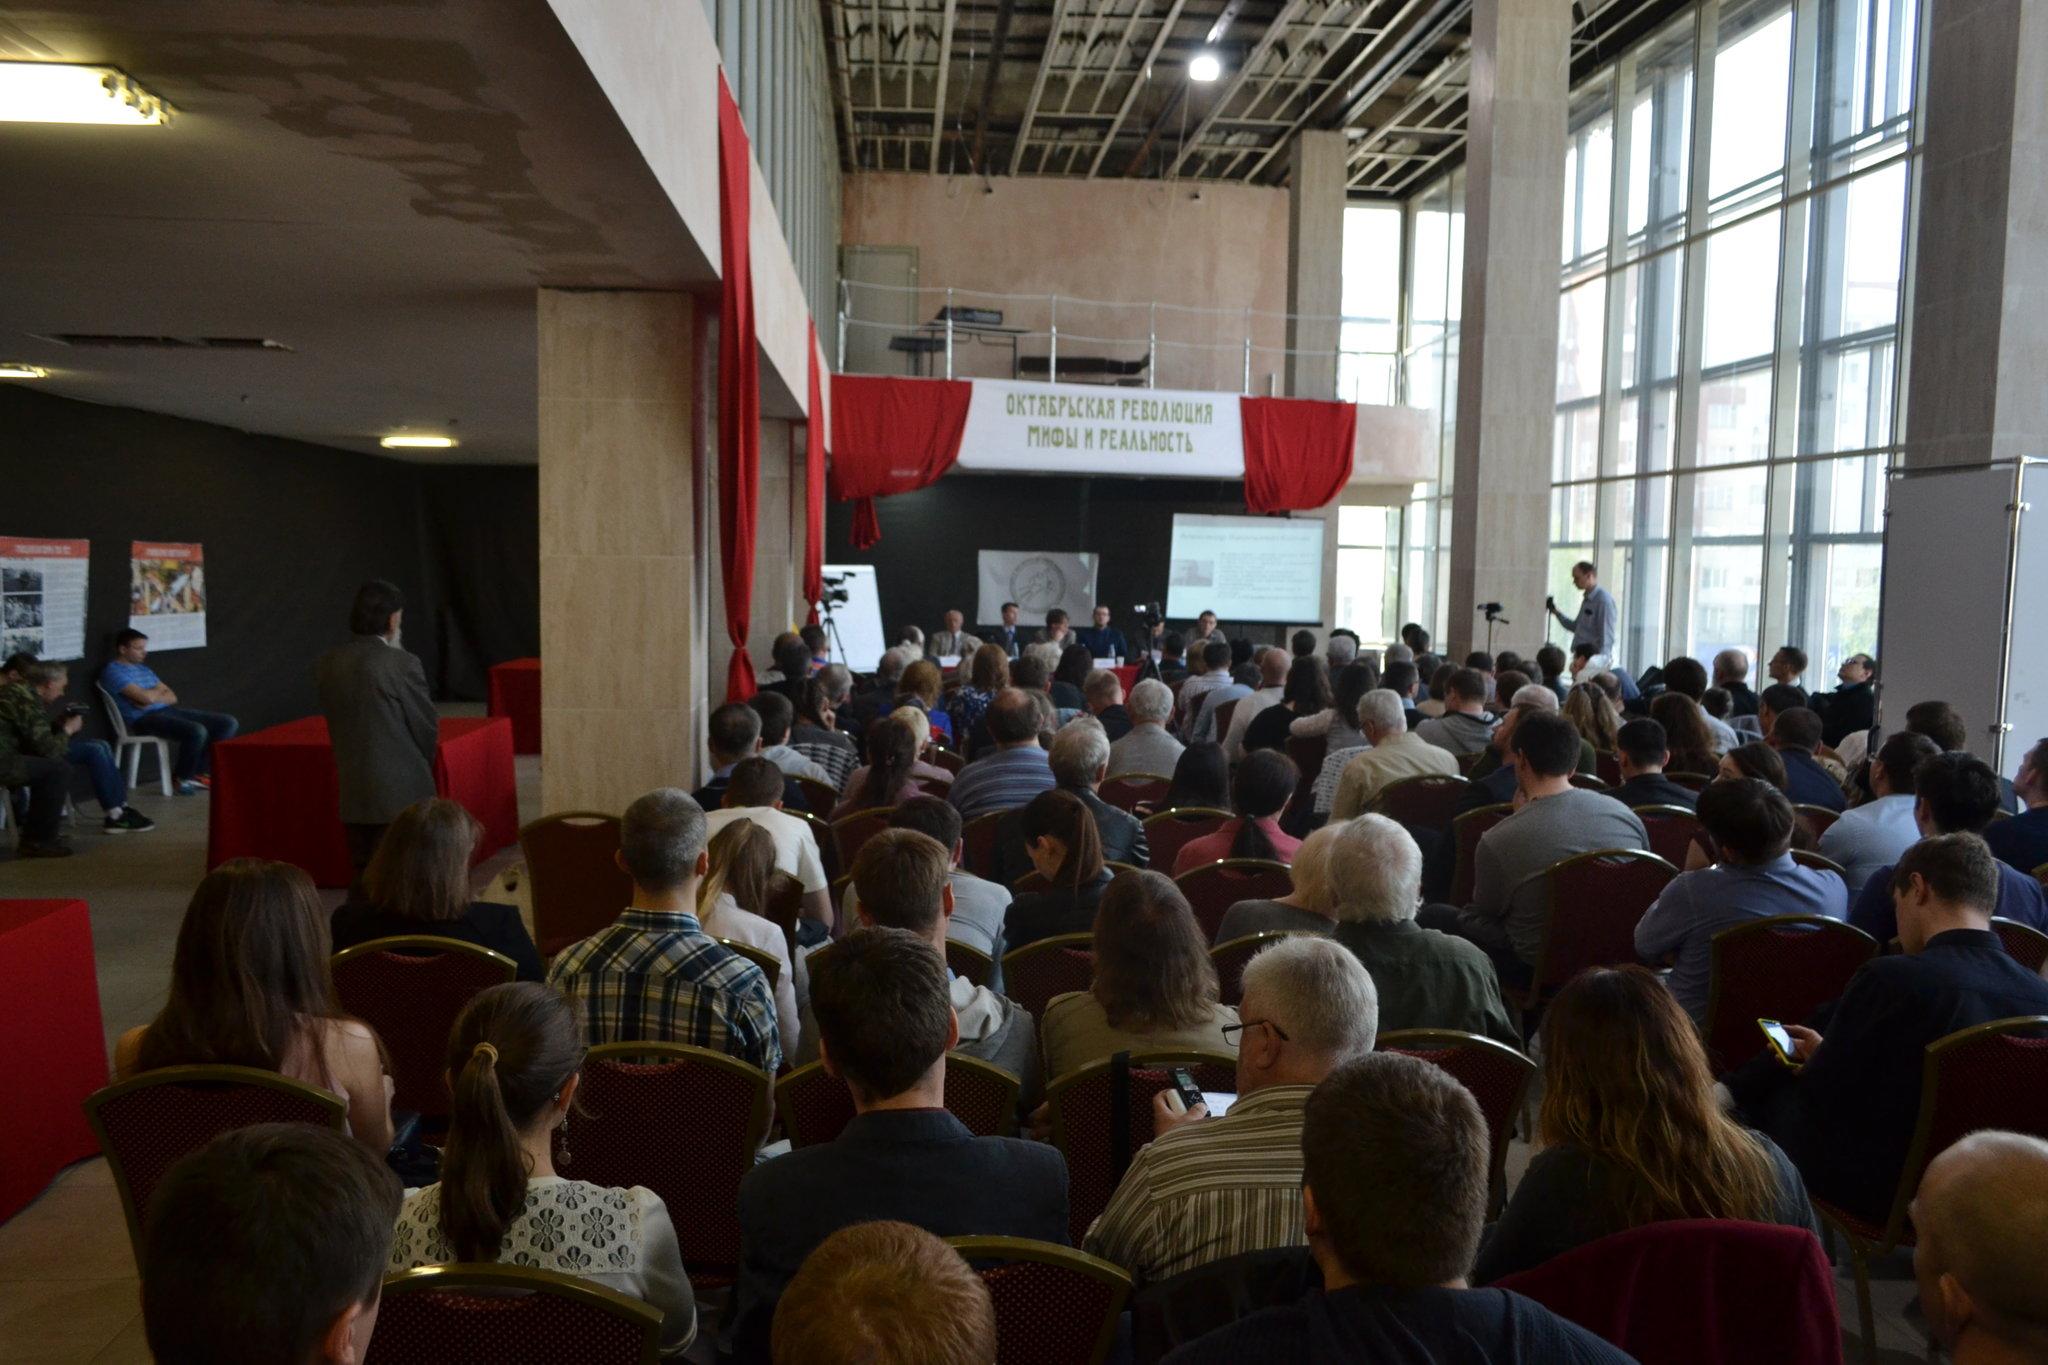 Конференция «Октябрьская революция: мифыи реальность» в Екатеринбурге. 27 мая 2017 г.